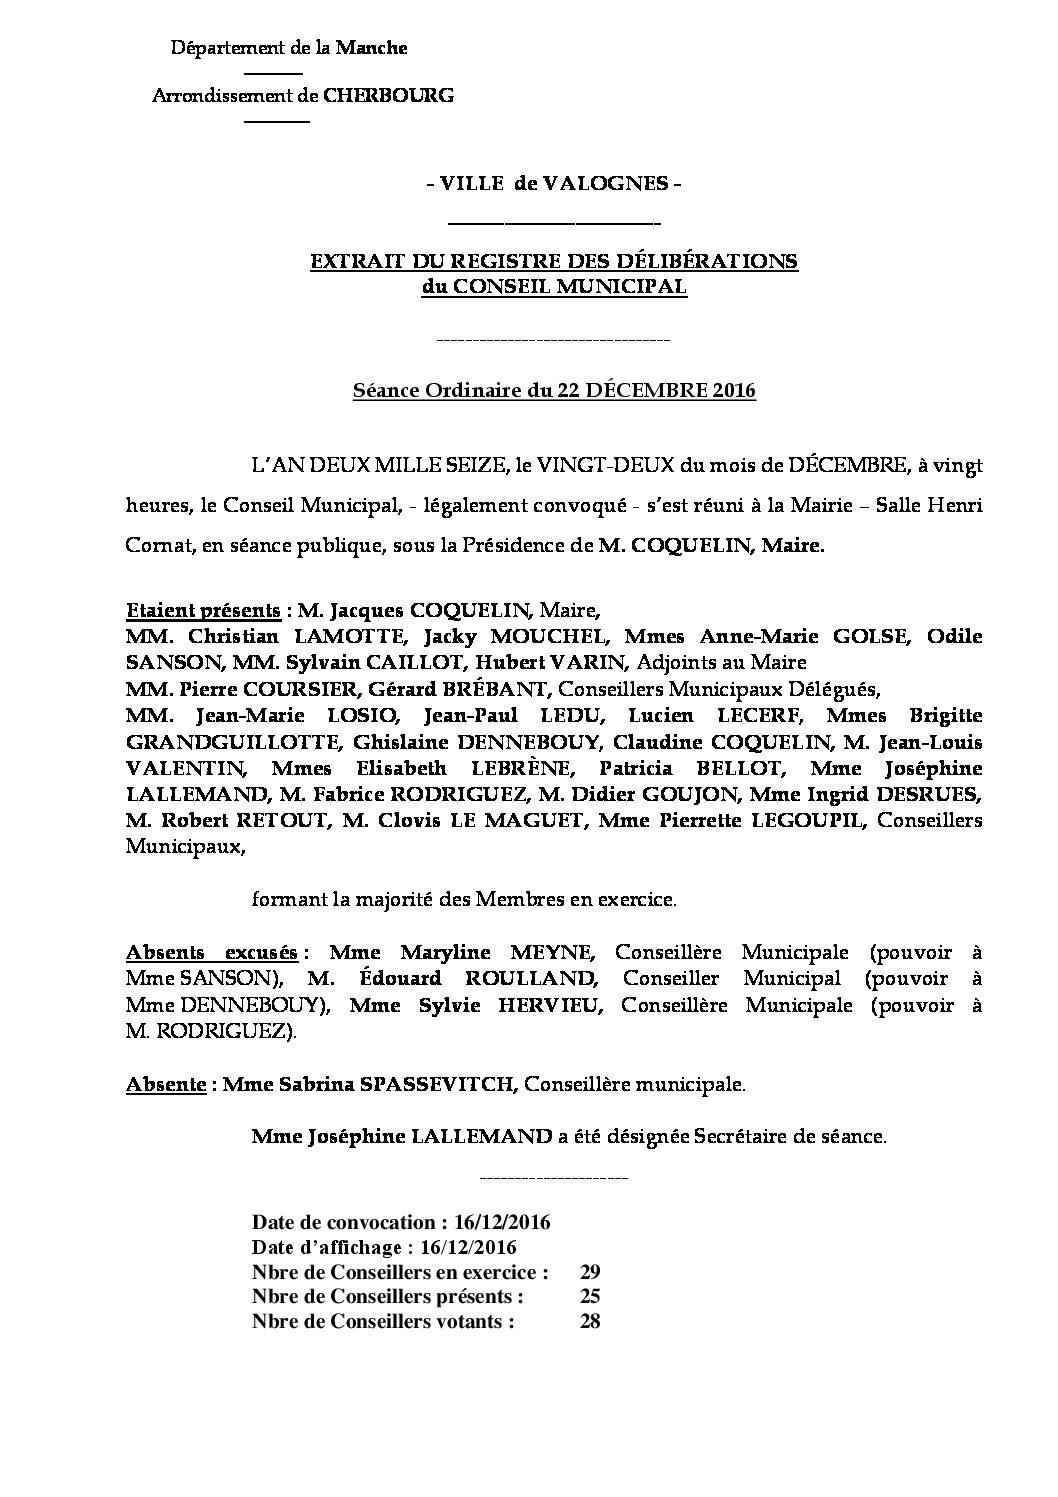 Extrait du registre des délibérations du 22-12-2016 - Compte rendu des questions soumises à délibération lors de la séance du Conseil Municipal du 22 décembre 2016.